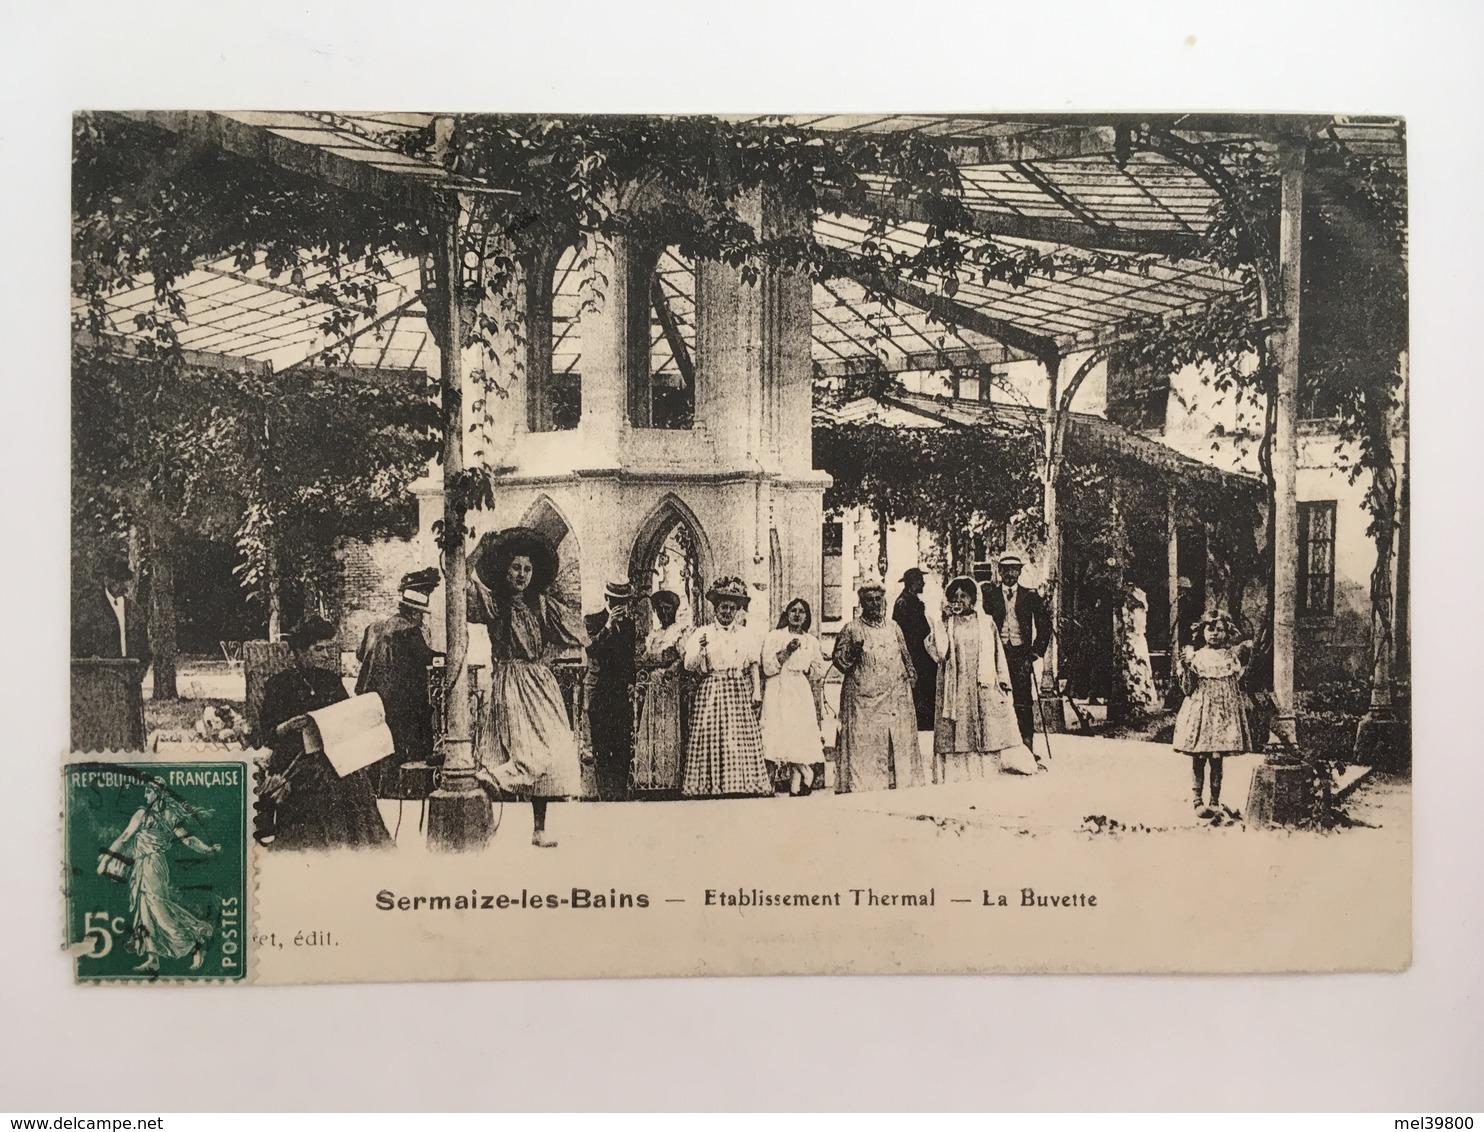 Sermaize-les-Bains - Etablissement Thermal - La Buvette - Sermaize-les-Bains